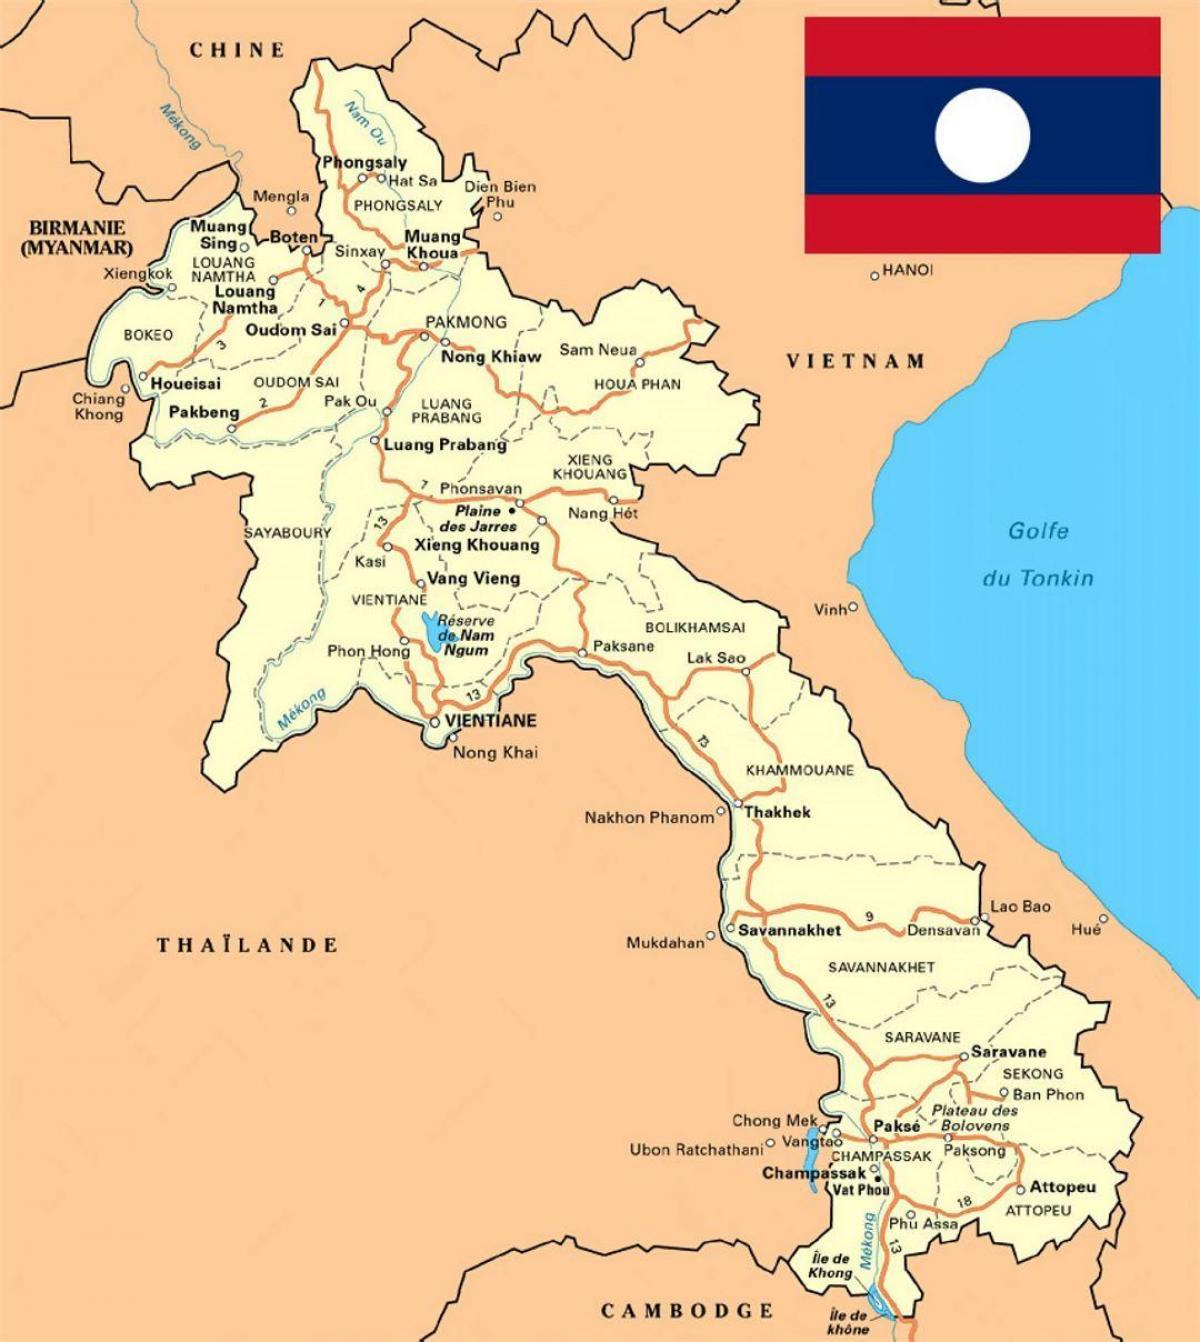 Laosin Kartta Yksityiskohtainen Kartta Laos Kaakkois Aasia Aasia